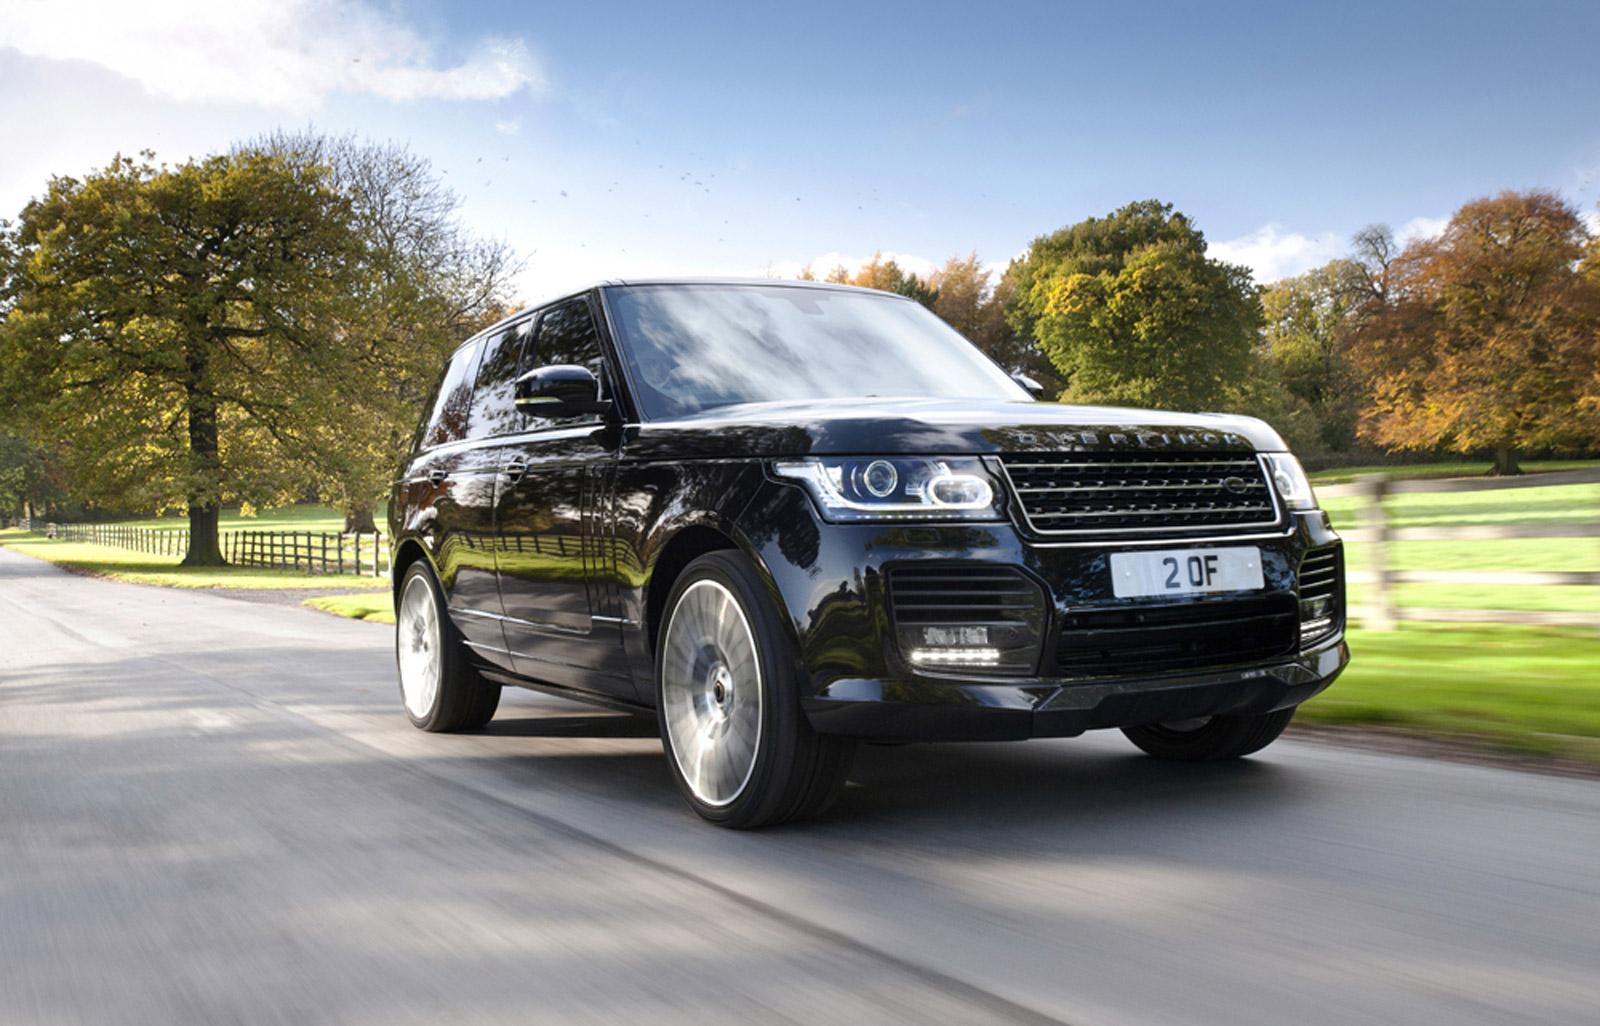 Range Rover Overfinch Range Range rover car Range rover Range uk